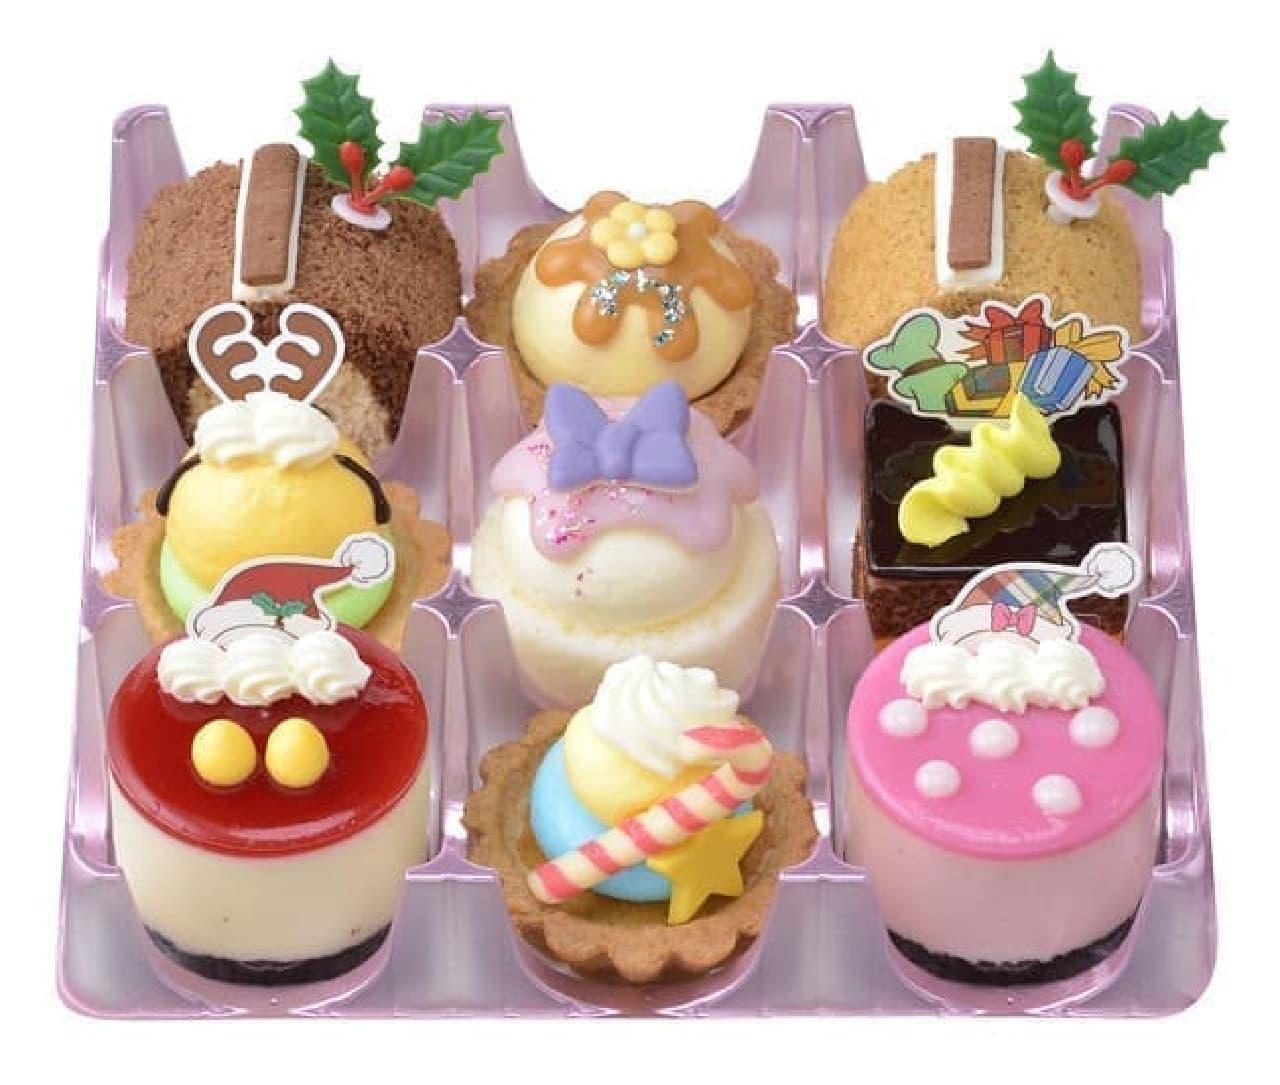 クリスマス限定「 <ディズニー>クリスマス・コレクション」銀座コージーコーナーより